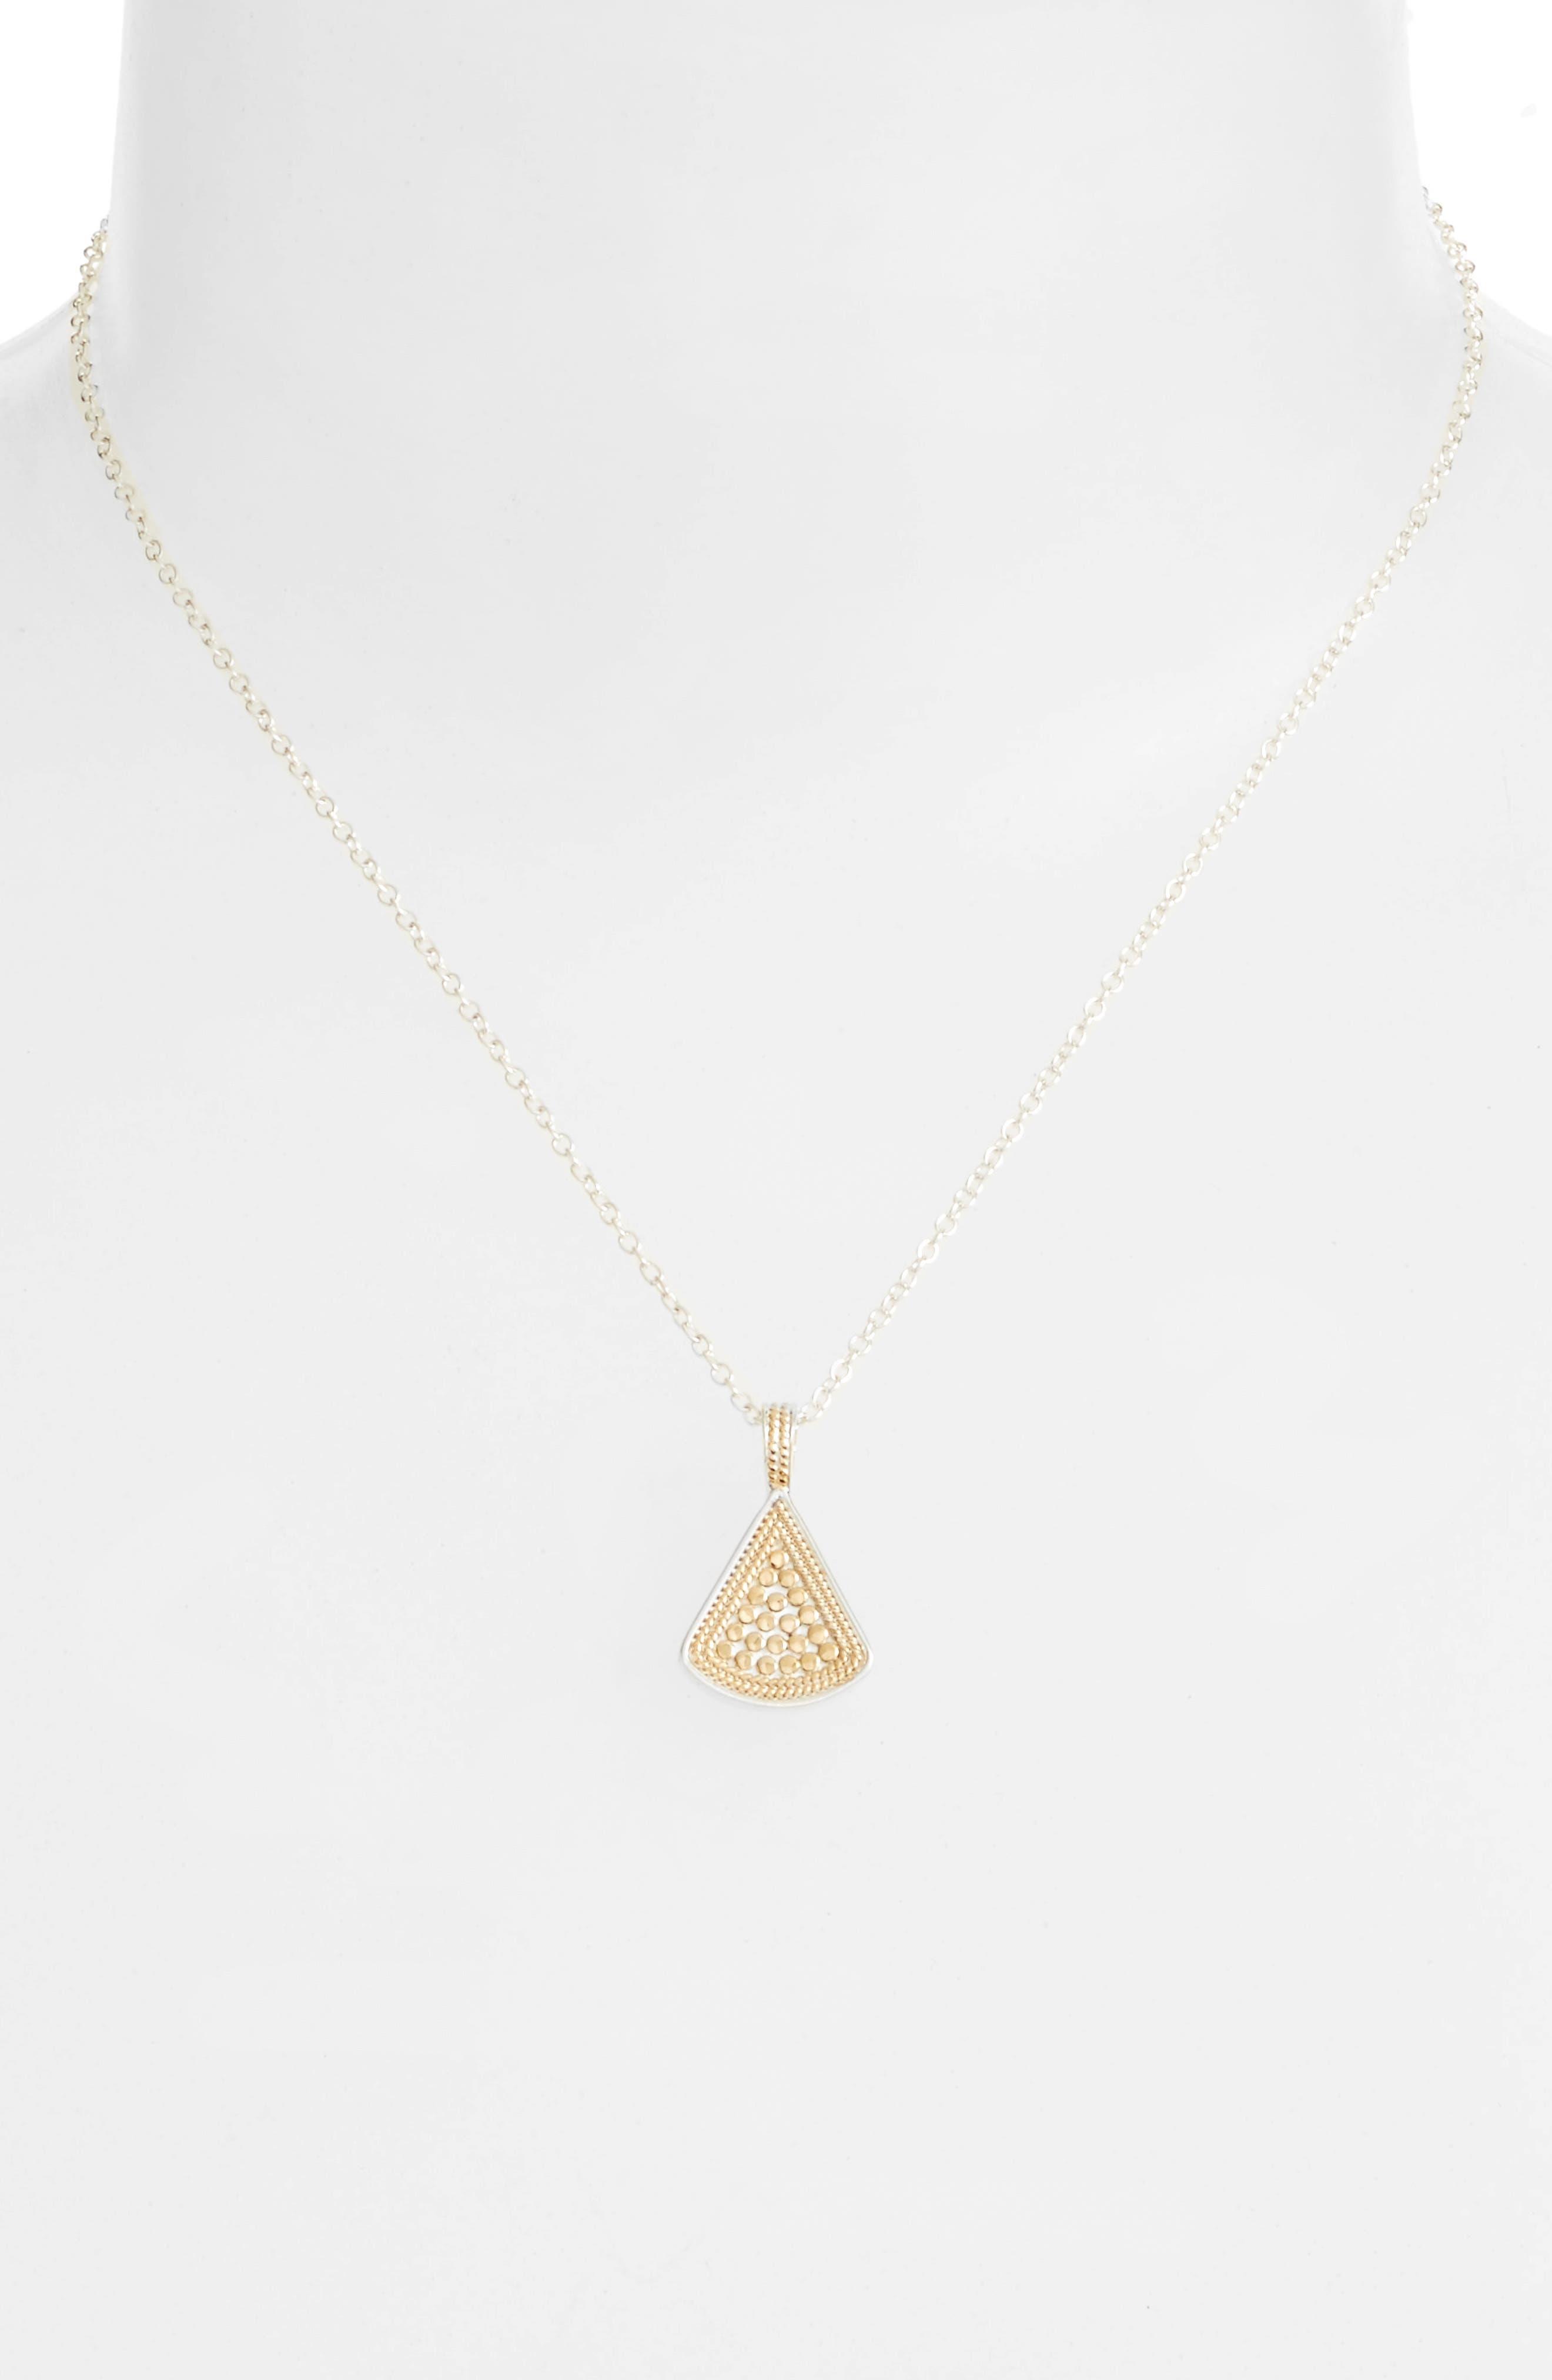 Reversible Fan Pendant Necklace,                         Main,                         color, Gold/ Silver